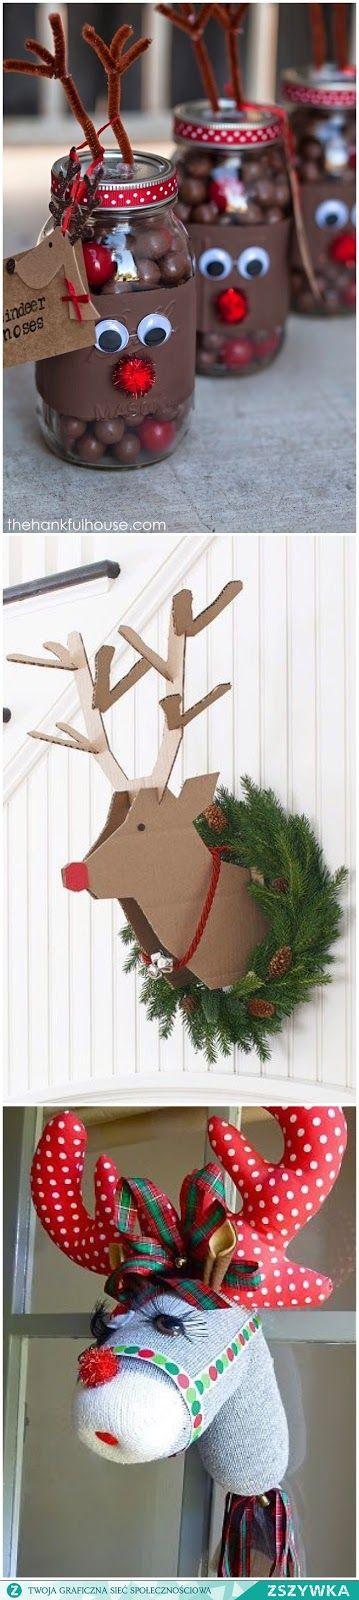 Moje pasje...: Inspiracje świąteczne cz.2 - dekoracje DIY